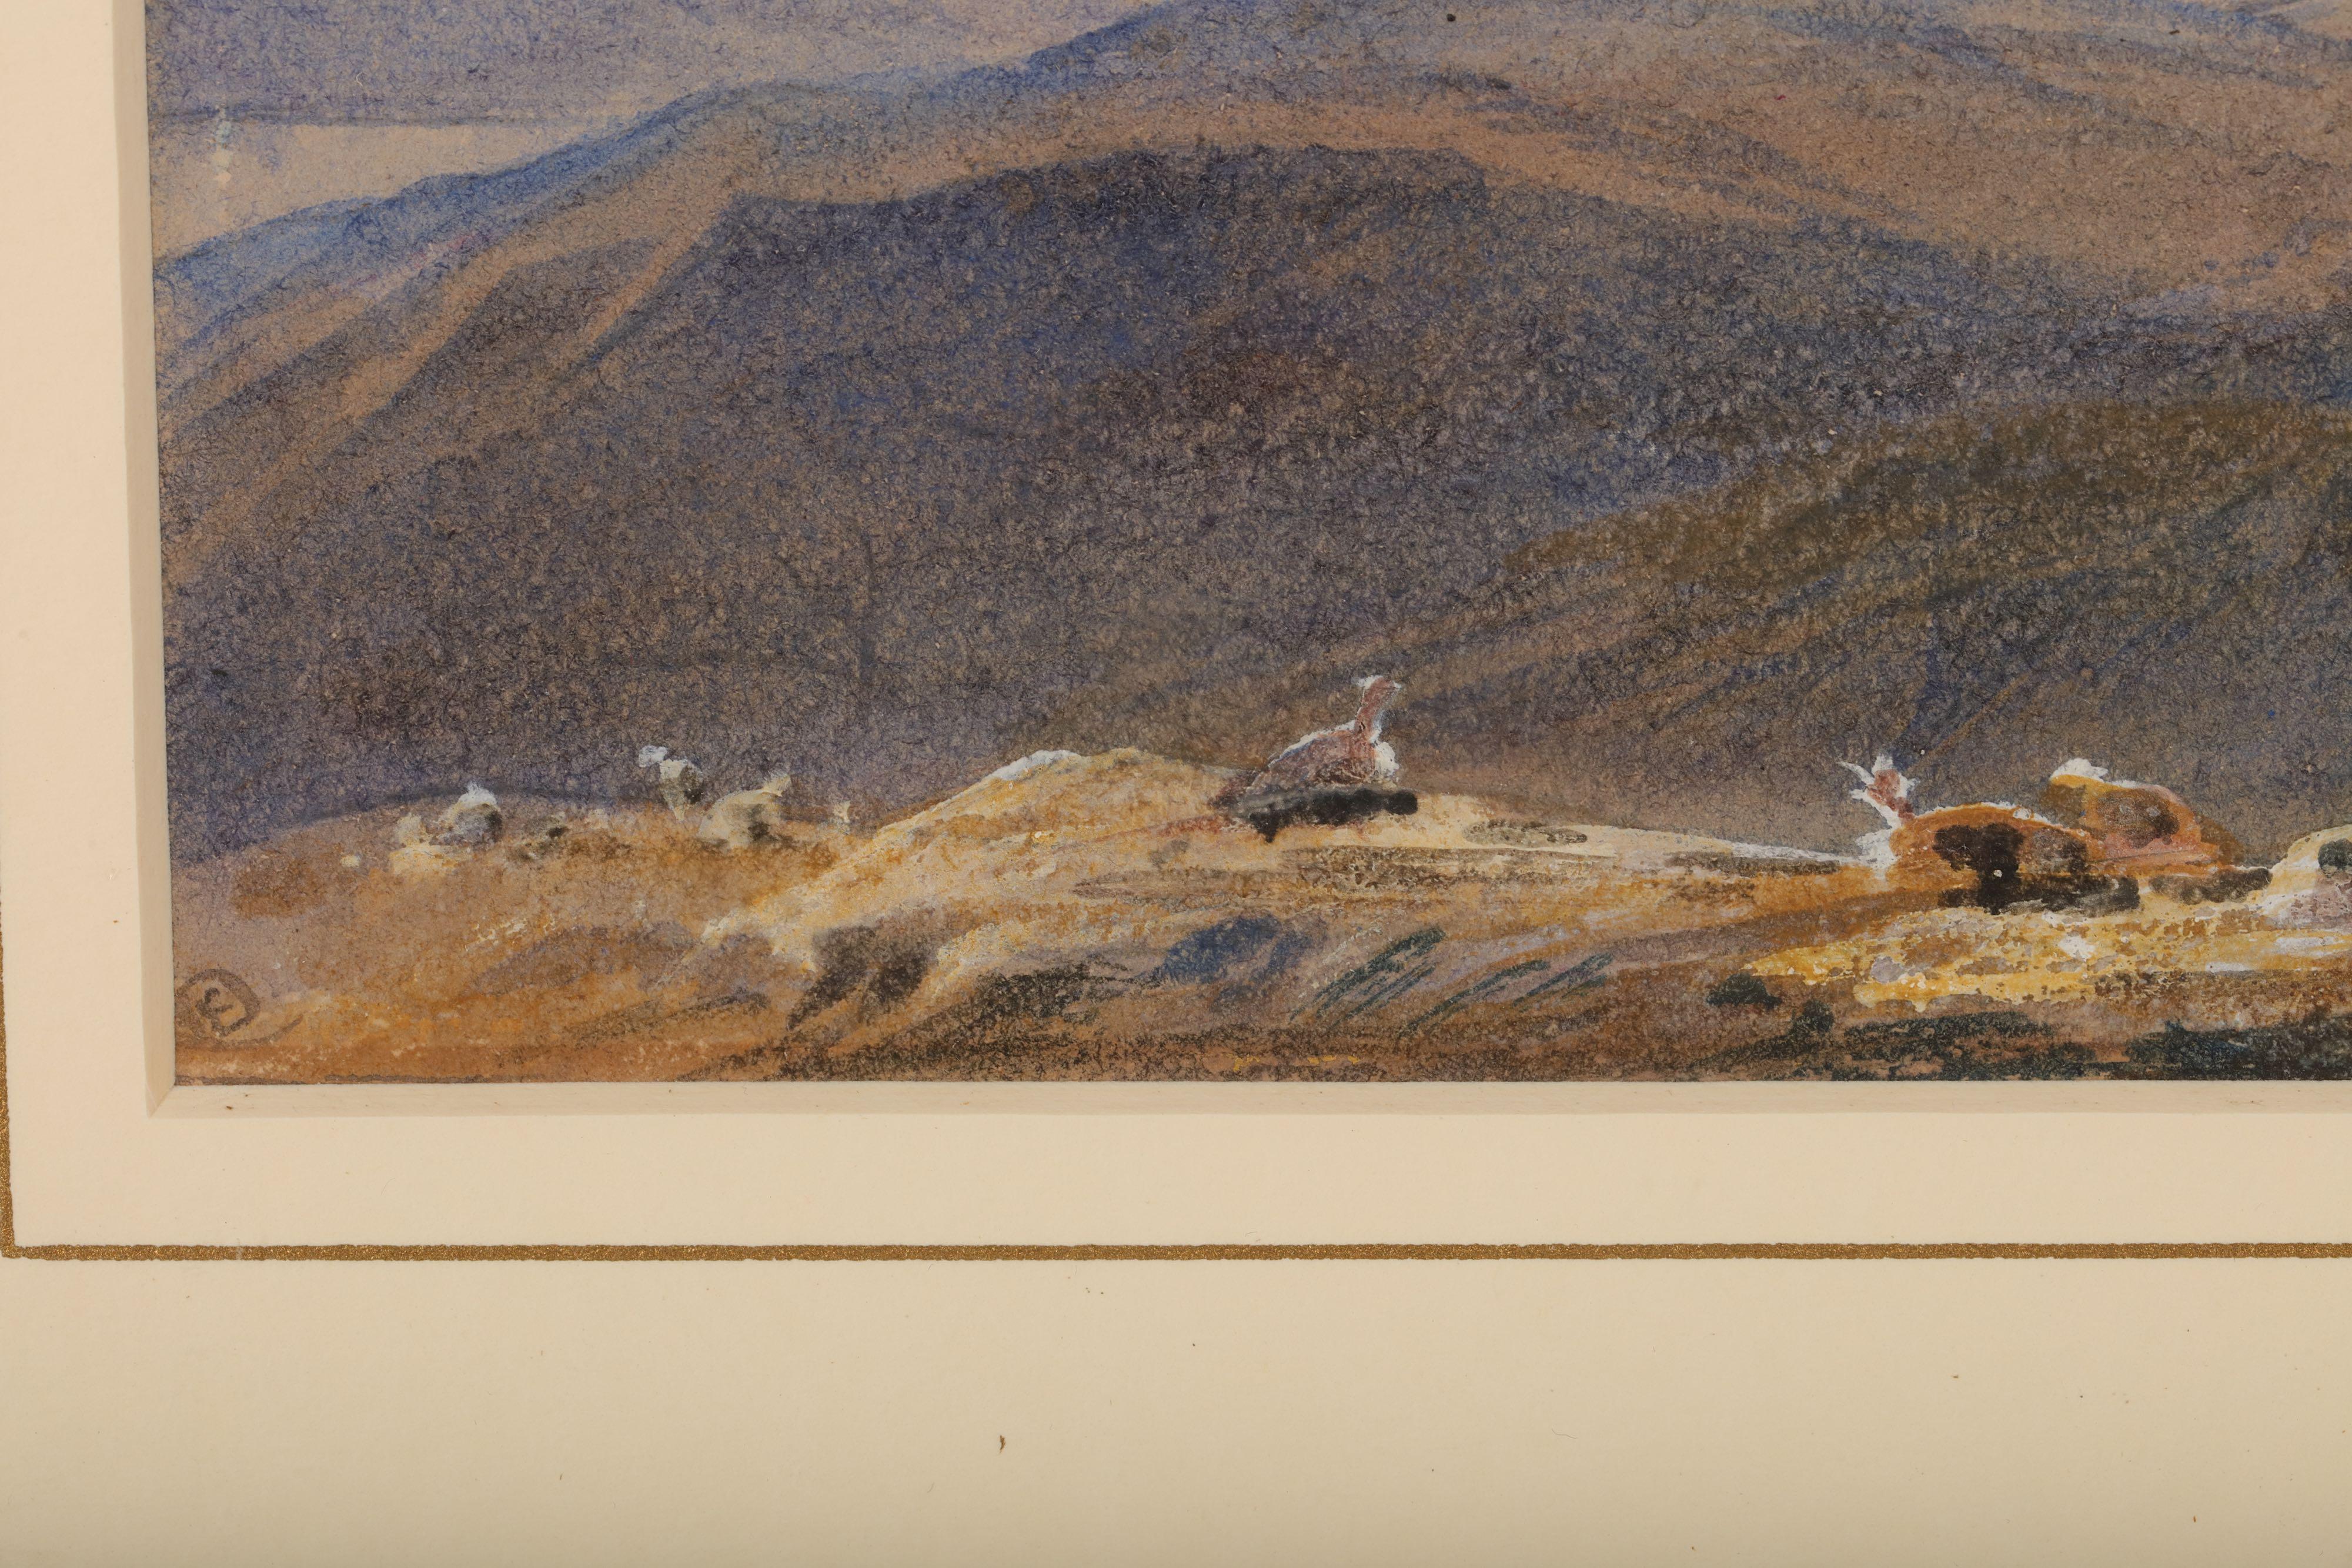 EDWARD LEAR (BRITISH 1812-1888) - Image 3 of 7